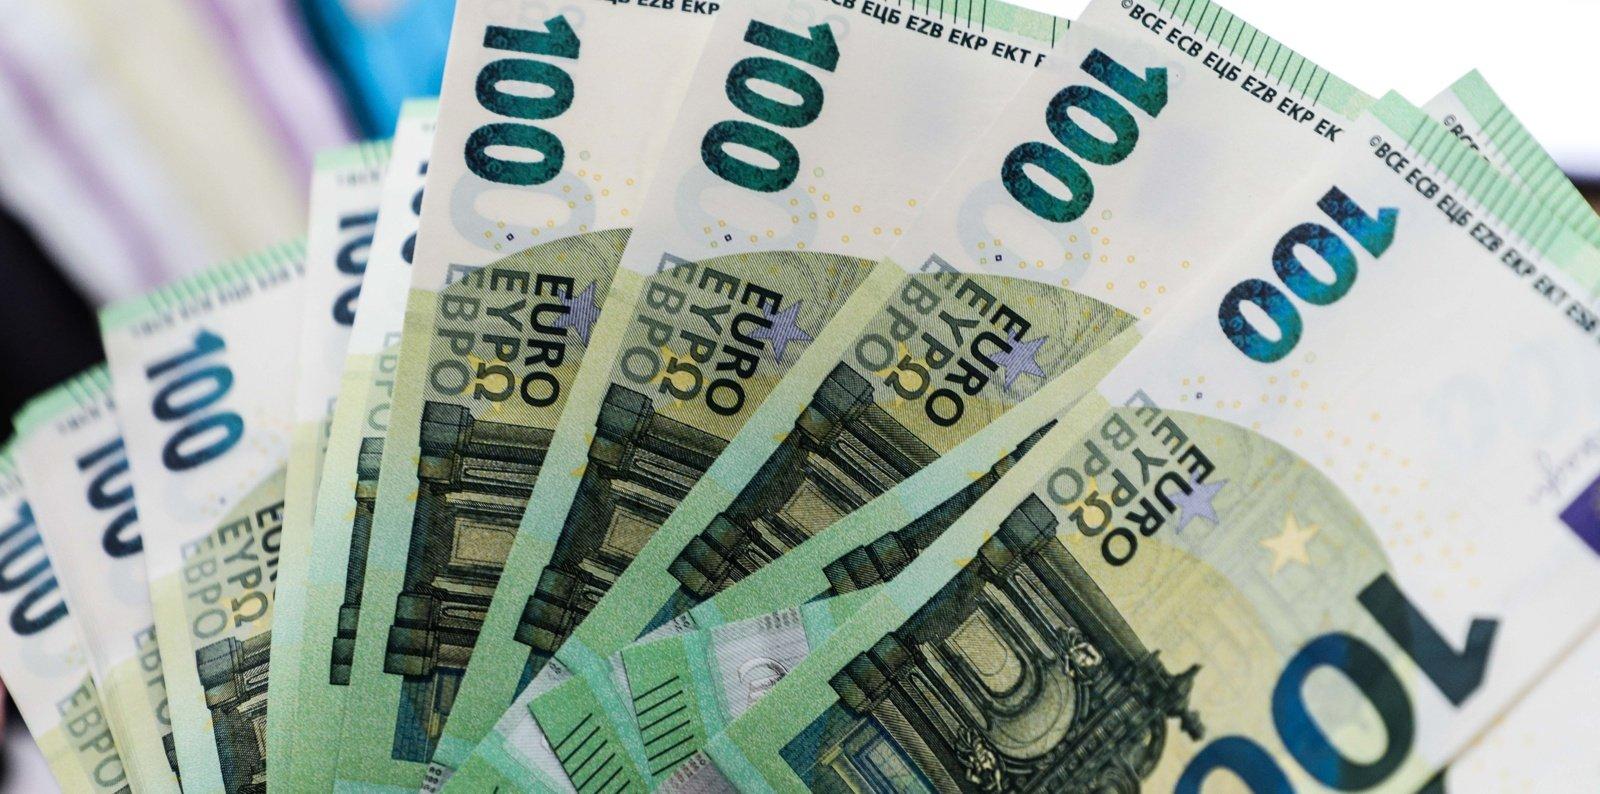 Iš vyro sukčiai išviliojo per 13 tūkst. eurų